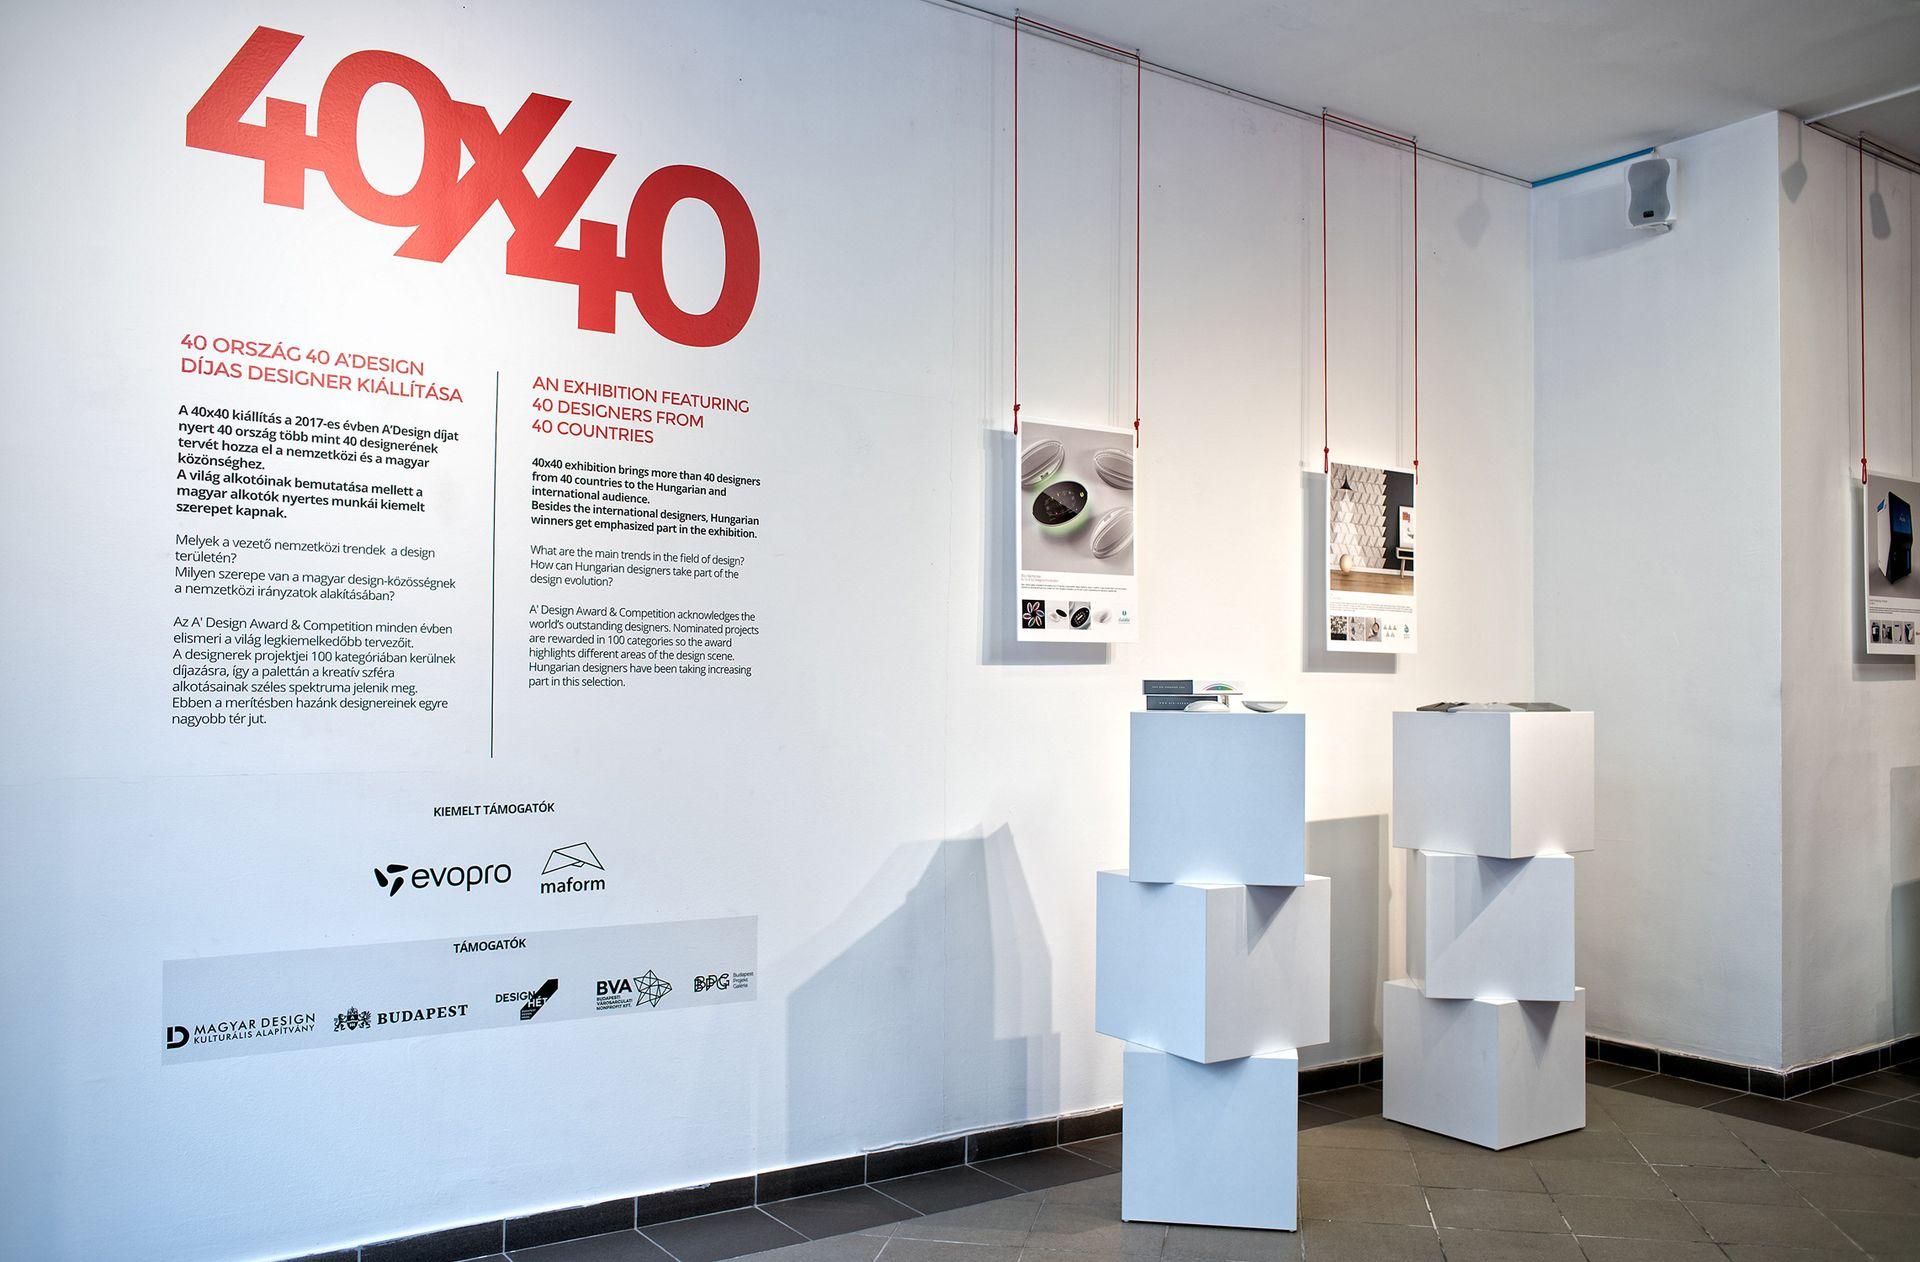 40 X 40 Exhibition